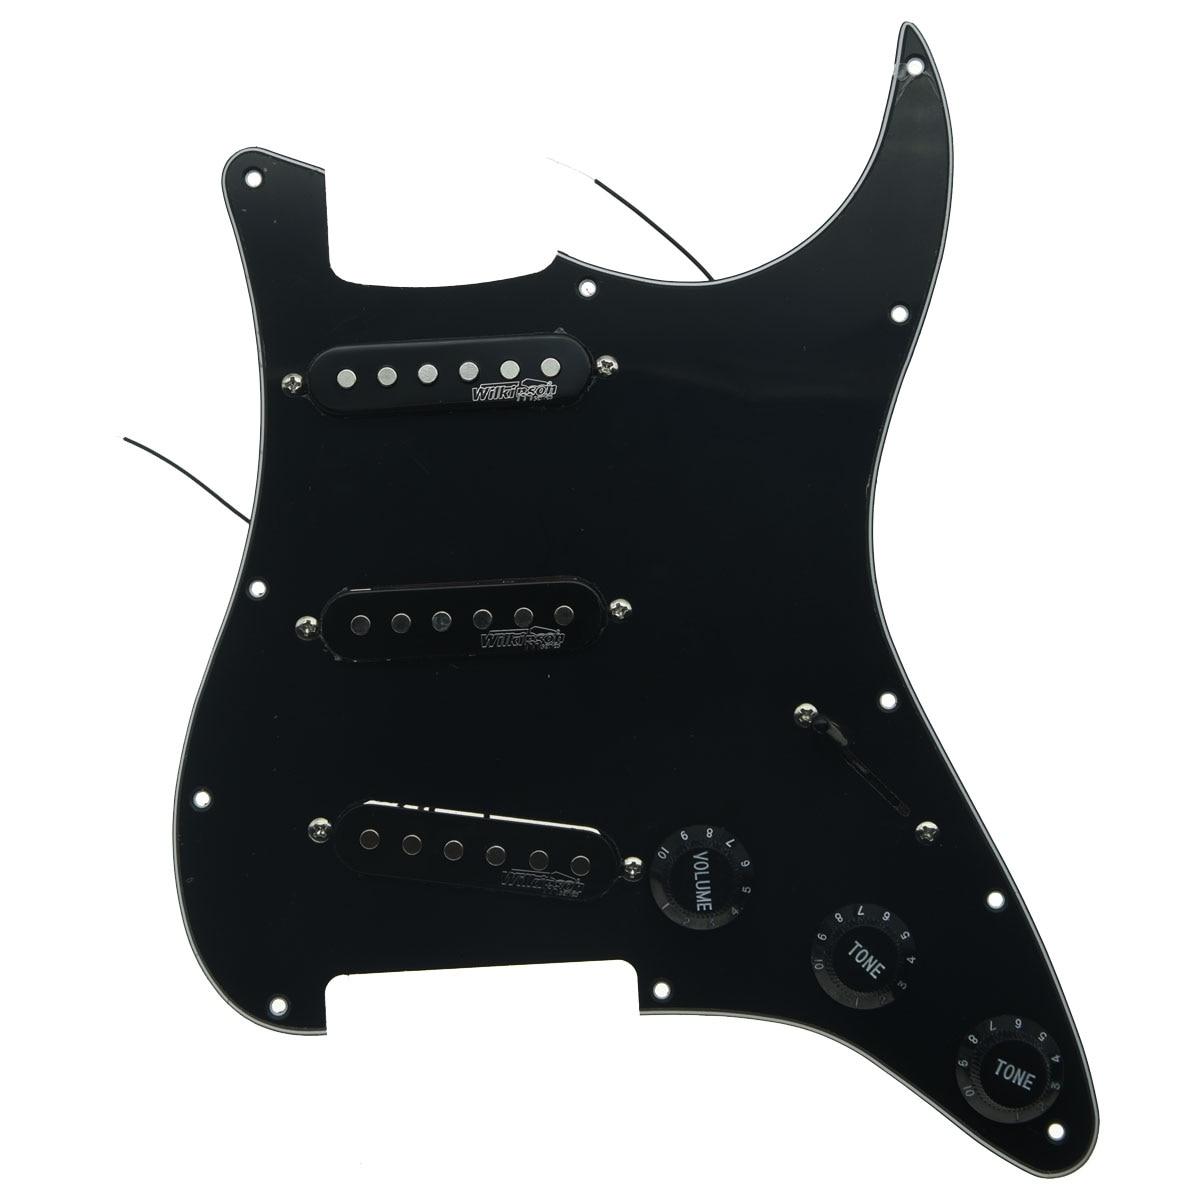 Pickguard pour guitare Dopro avec micros Wilkinson précâblés ST Pickguard convient aux Strat de garde-boue Stratocaster fabriqués aux états-unis/mexique